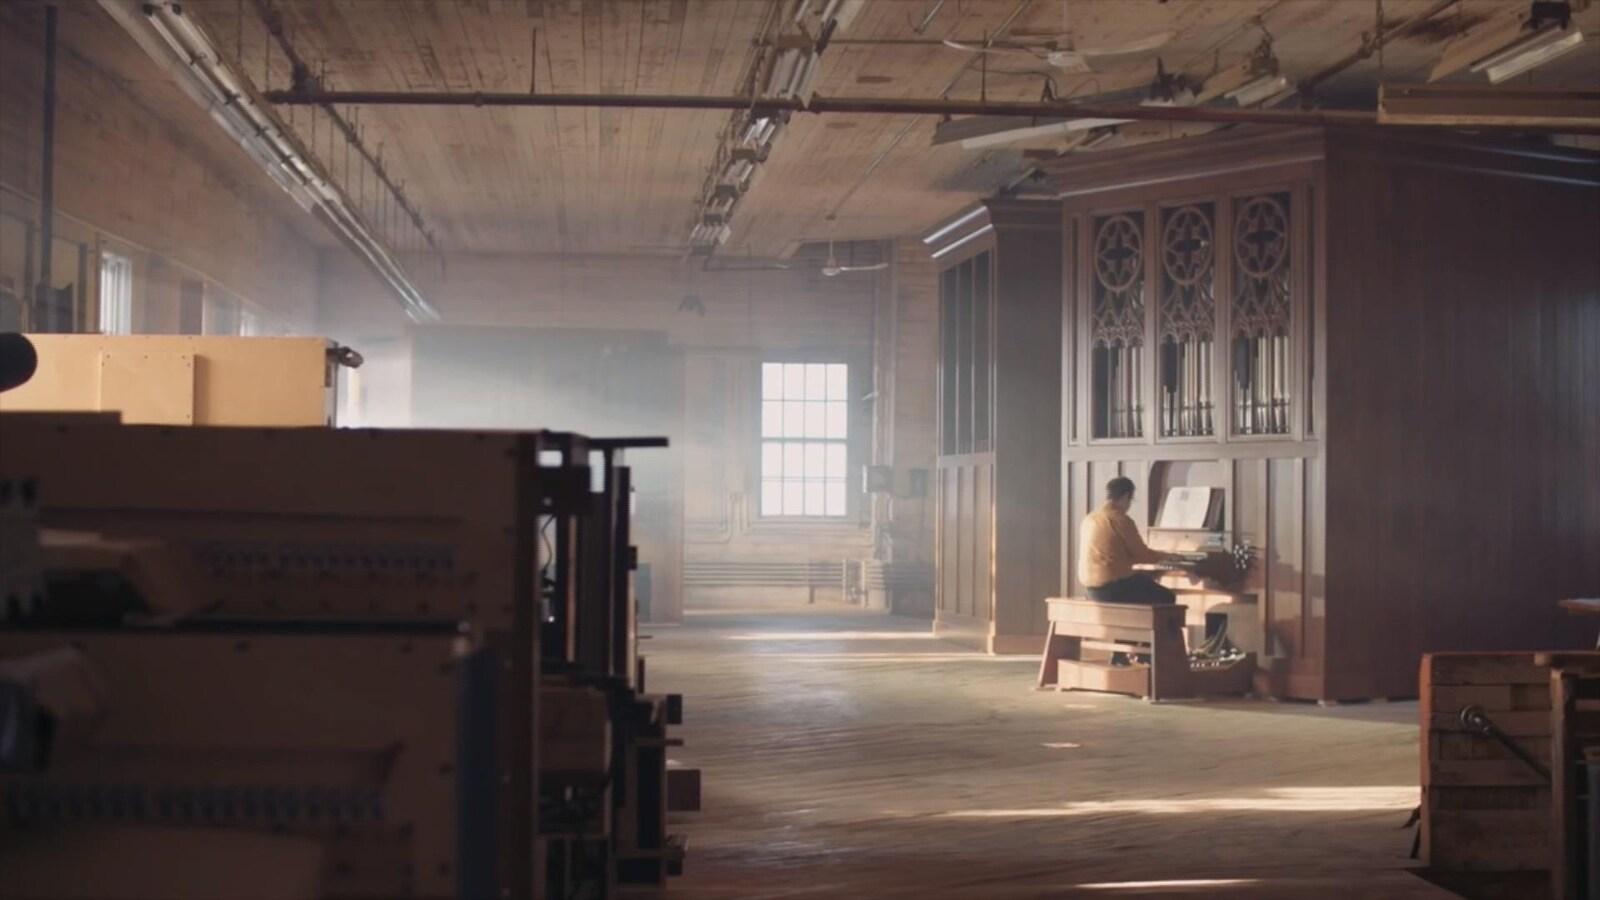 Un homme est assis à un orgue au fond des ateliers de Casavant Frères.